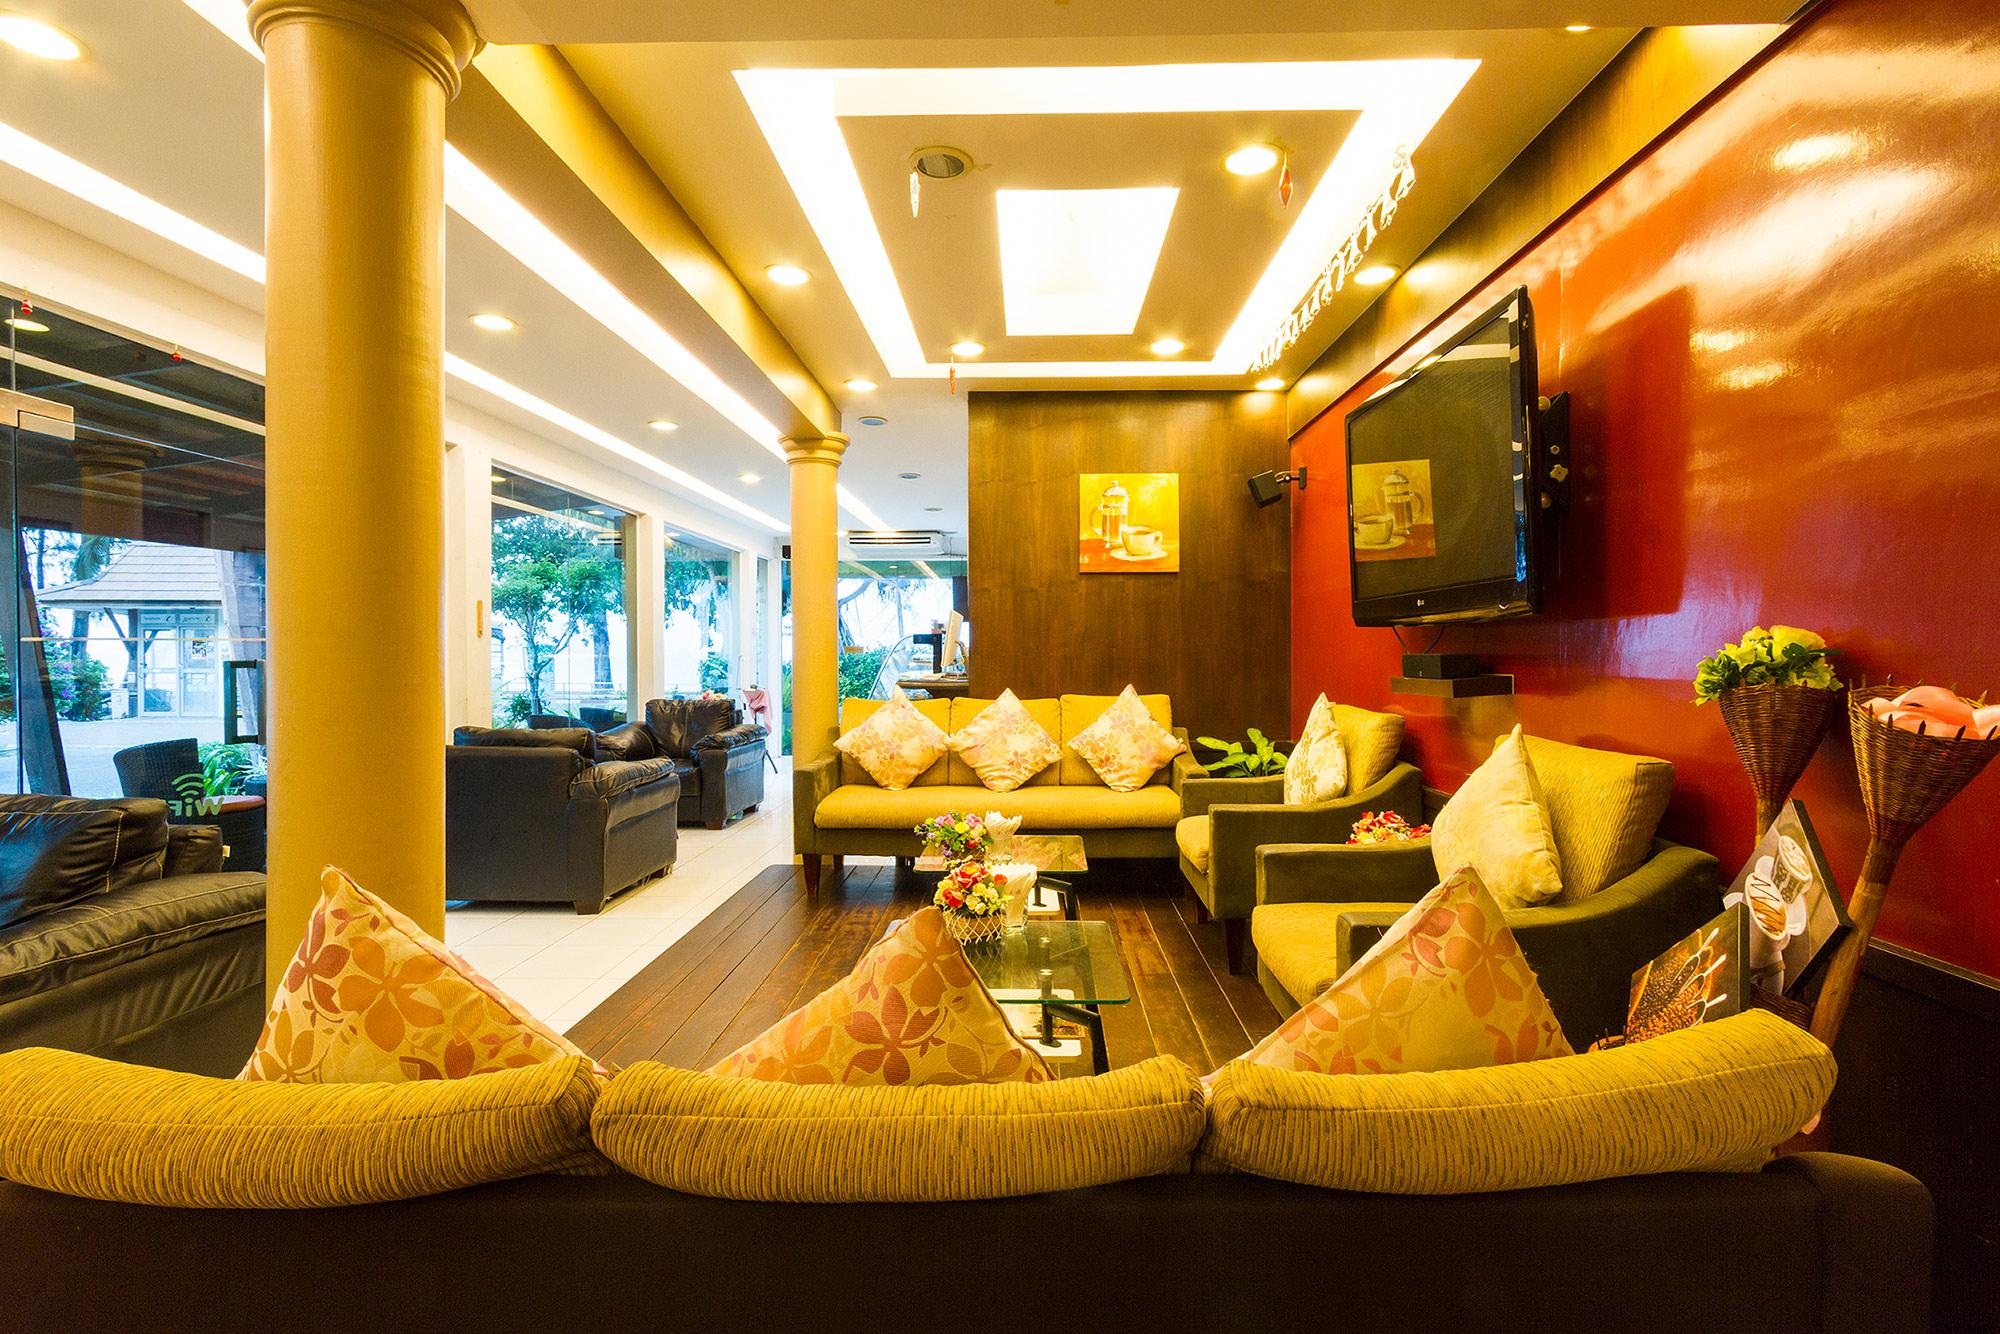 อ่าวนางปริ้นซ์วิลล รีสอร์ทแอนด์สปา  อ่าวนาง ปริ๊นซ์วิลล์ รีสอร์ท แอนด์ สปา Aonang Princeville Resort IMG 0312